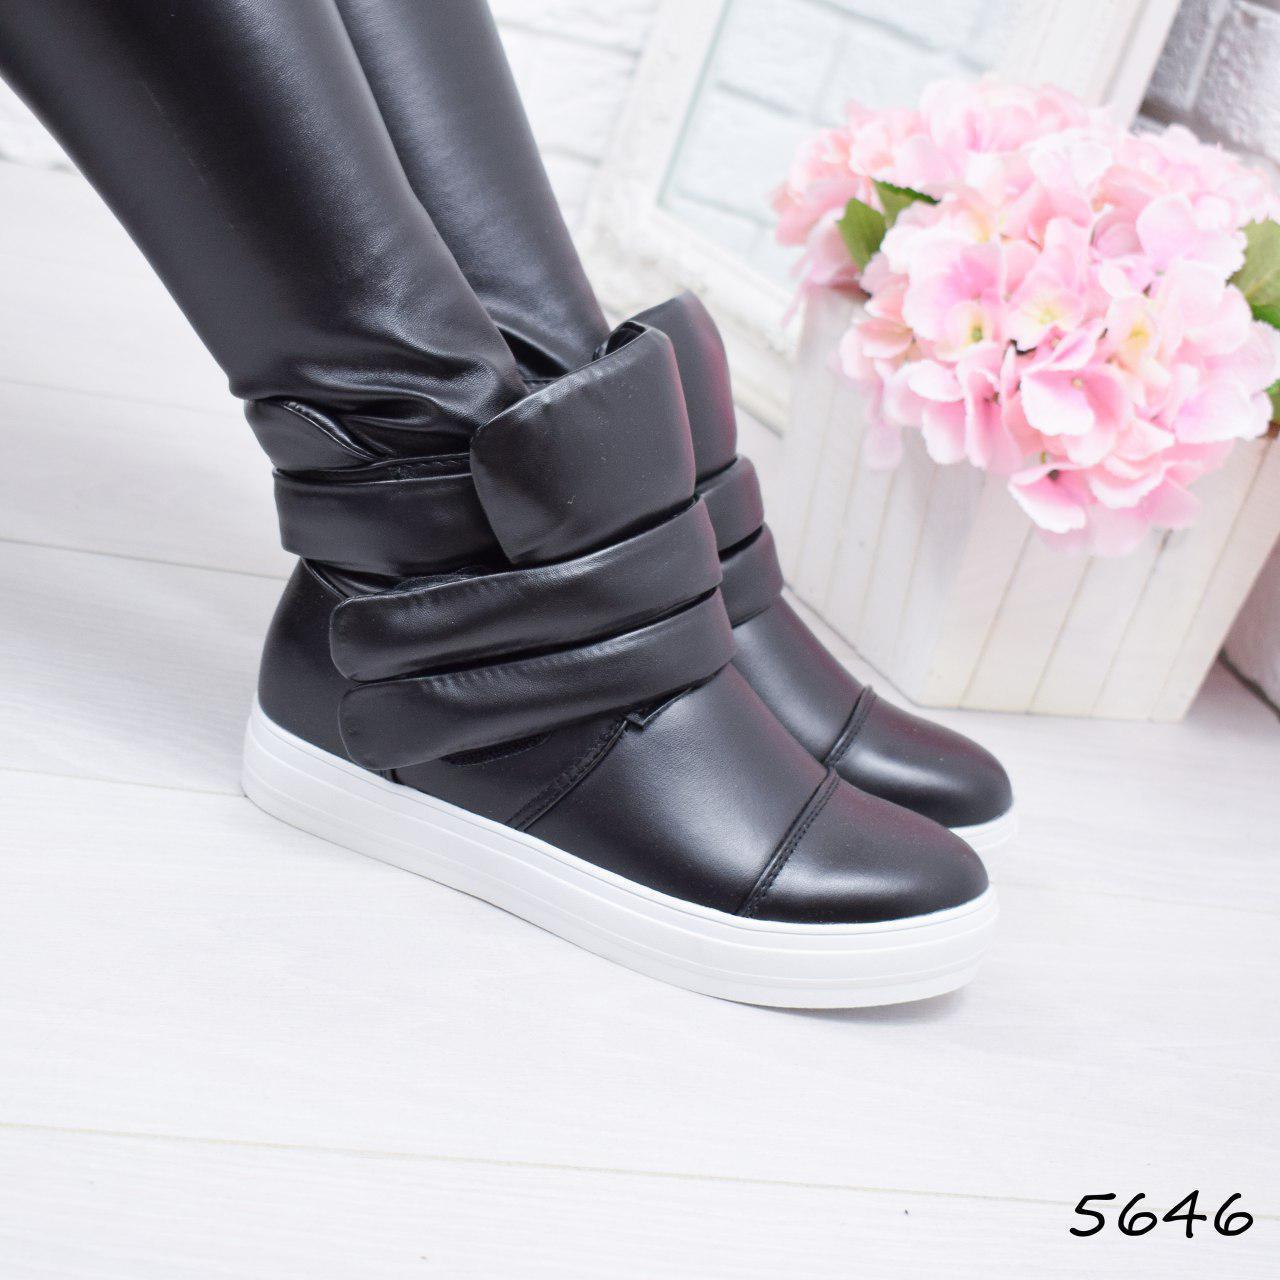 """Ботинки, сникерсы, ботильоны """"Layzu"""" эко кожа, повседневная, демисезонная, осенняя, женская обувь"""